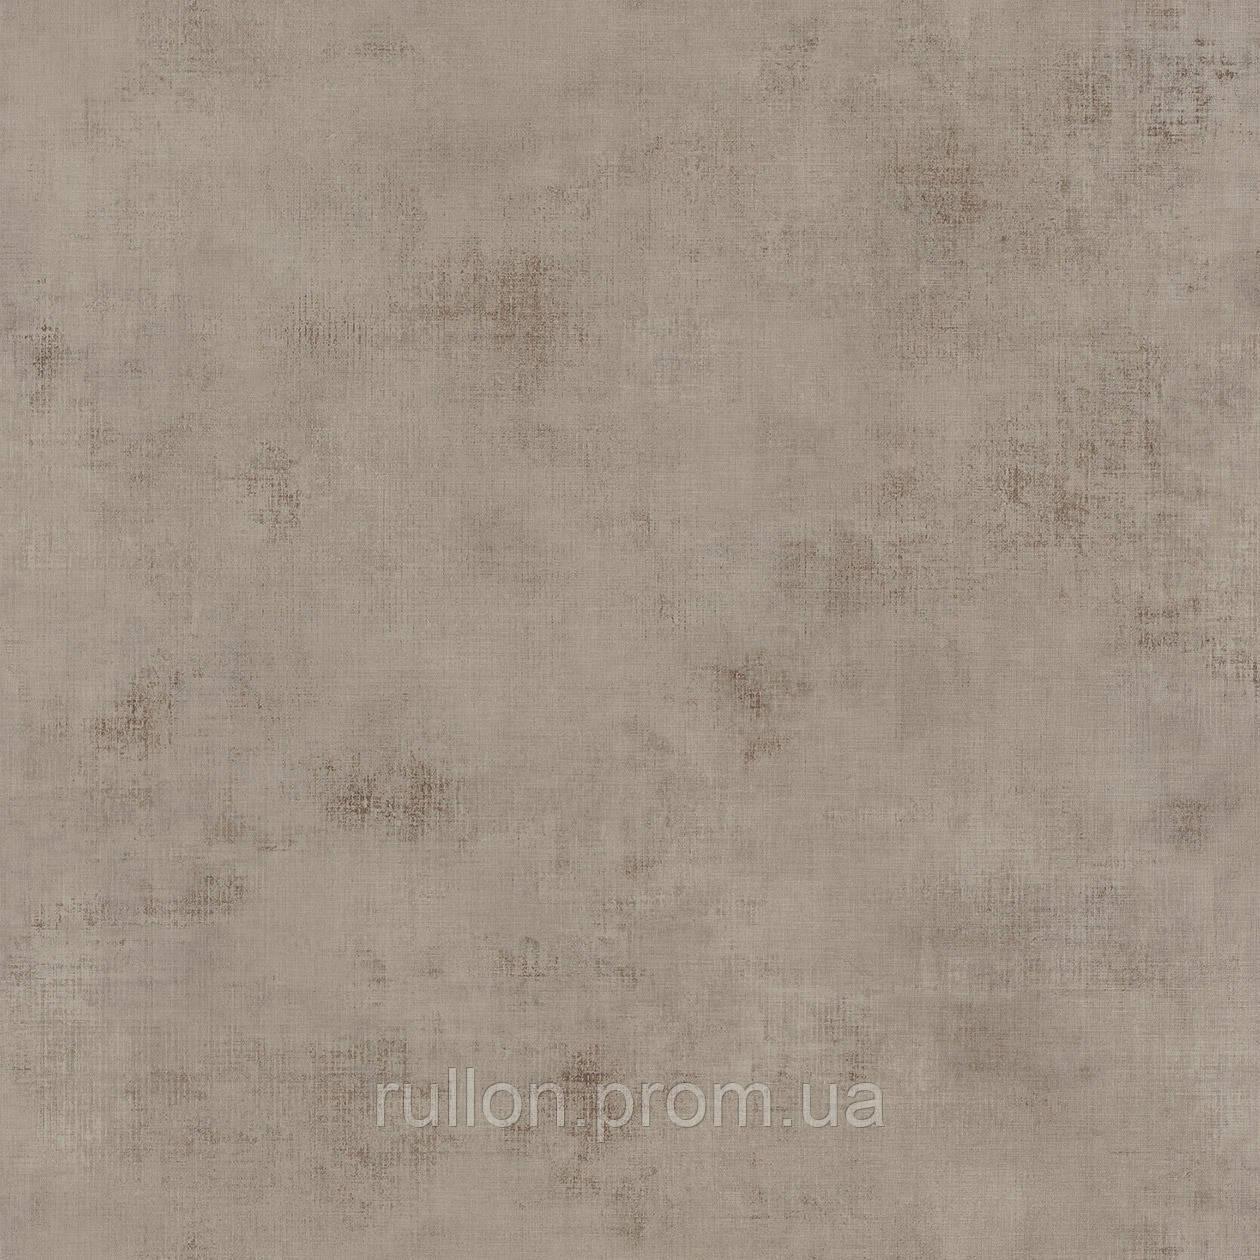 Обои Caselio TELAS 69871690 (Флизелиновые, коричневые)